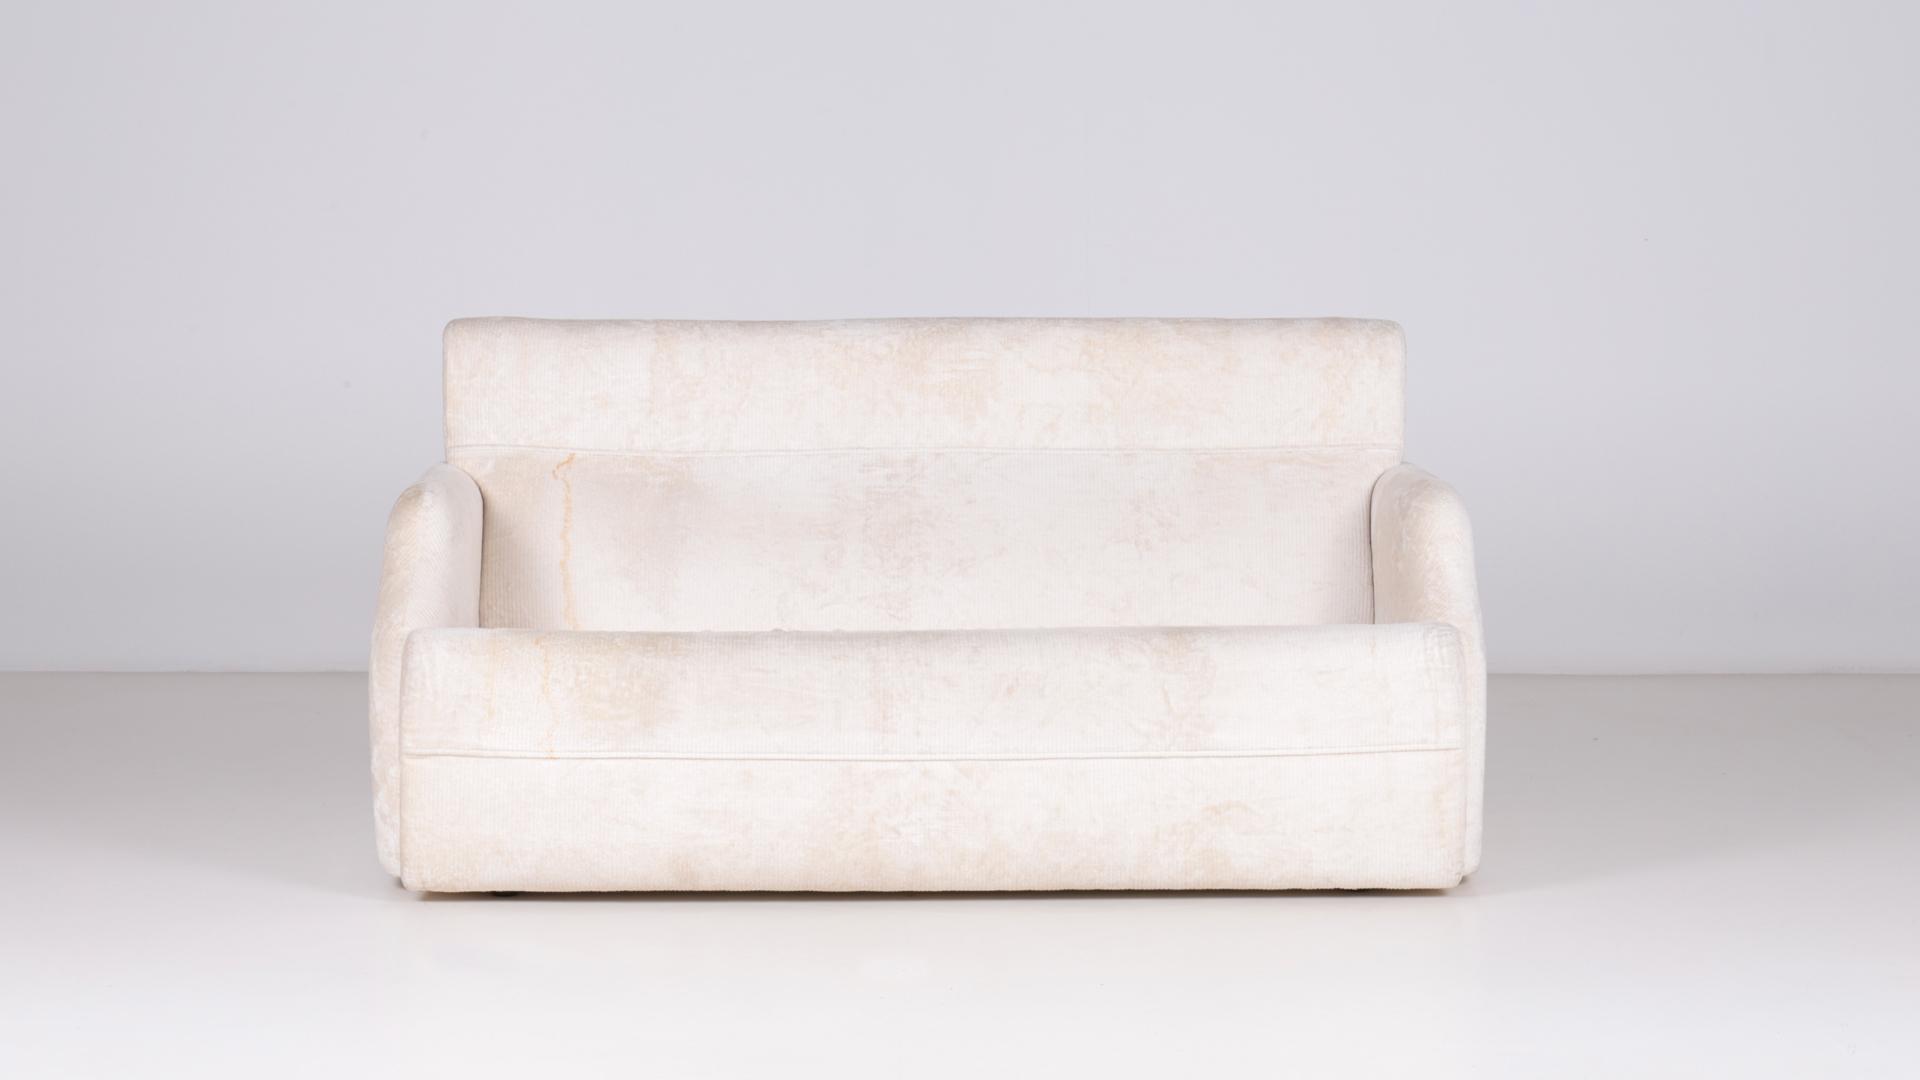 Farnese sofa by Luigi Caccia Dominioni | Paradisoterrestre